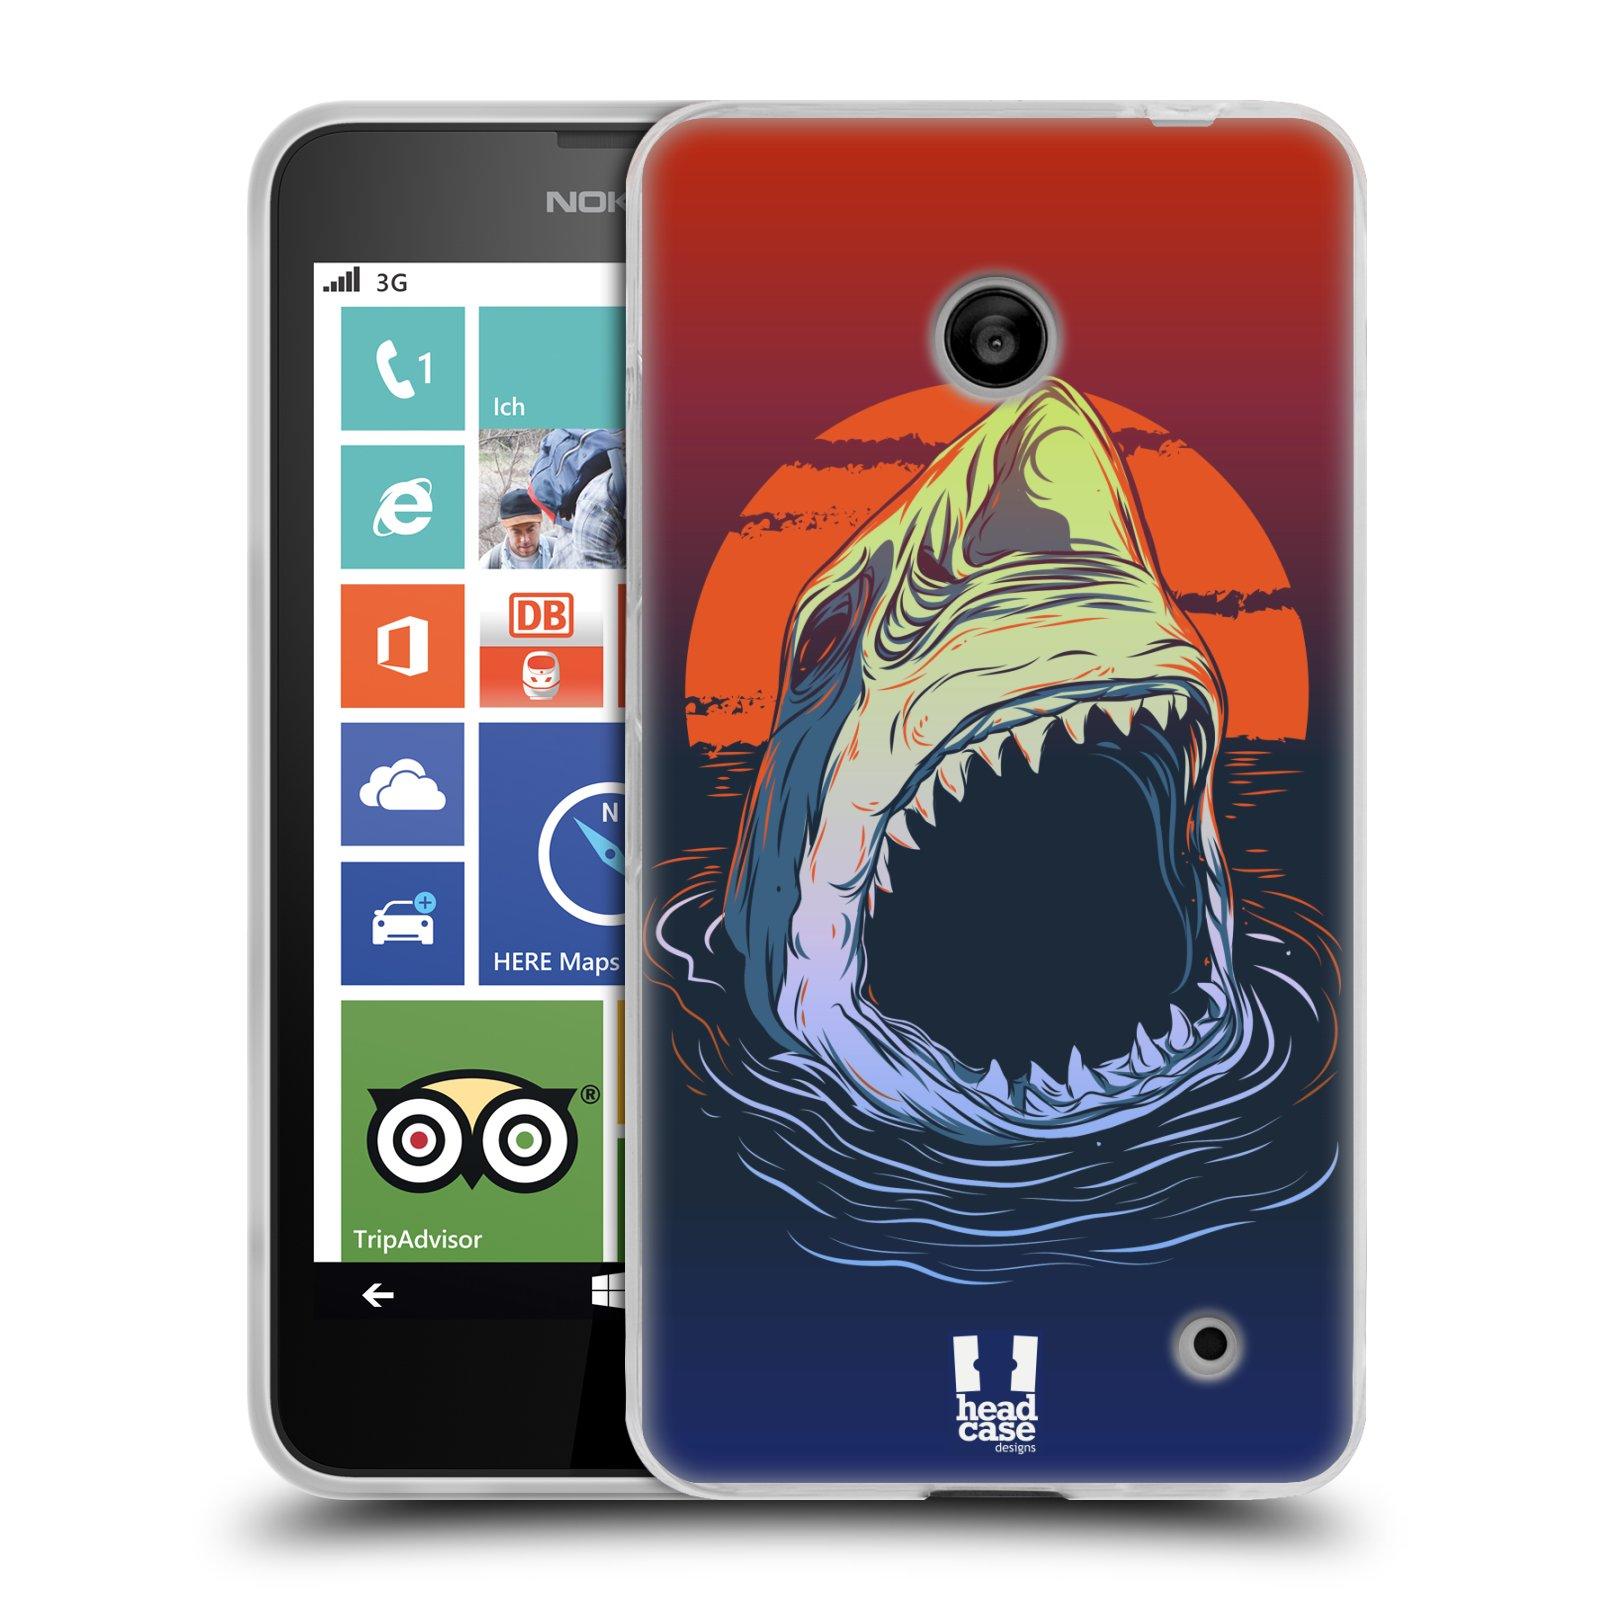 Silikonové pouzdro na mobil Nokia Lumia 635 HEAD CASE HLADOVÝ ŽRALOK (Silikonový kryt či obal na mobilní telefon Nokia Lumia 635 Dual SIM)